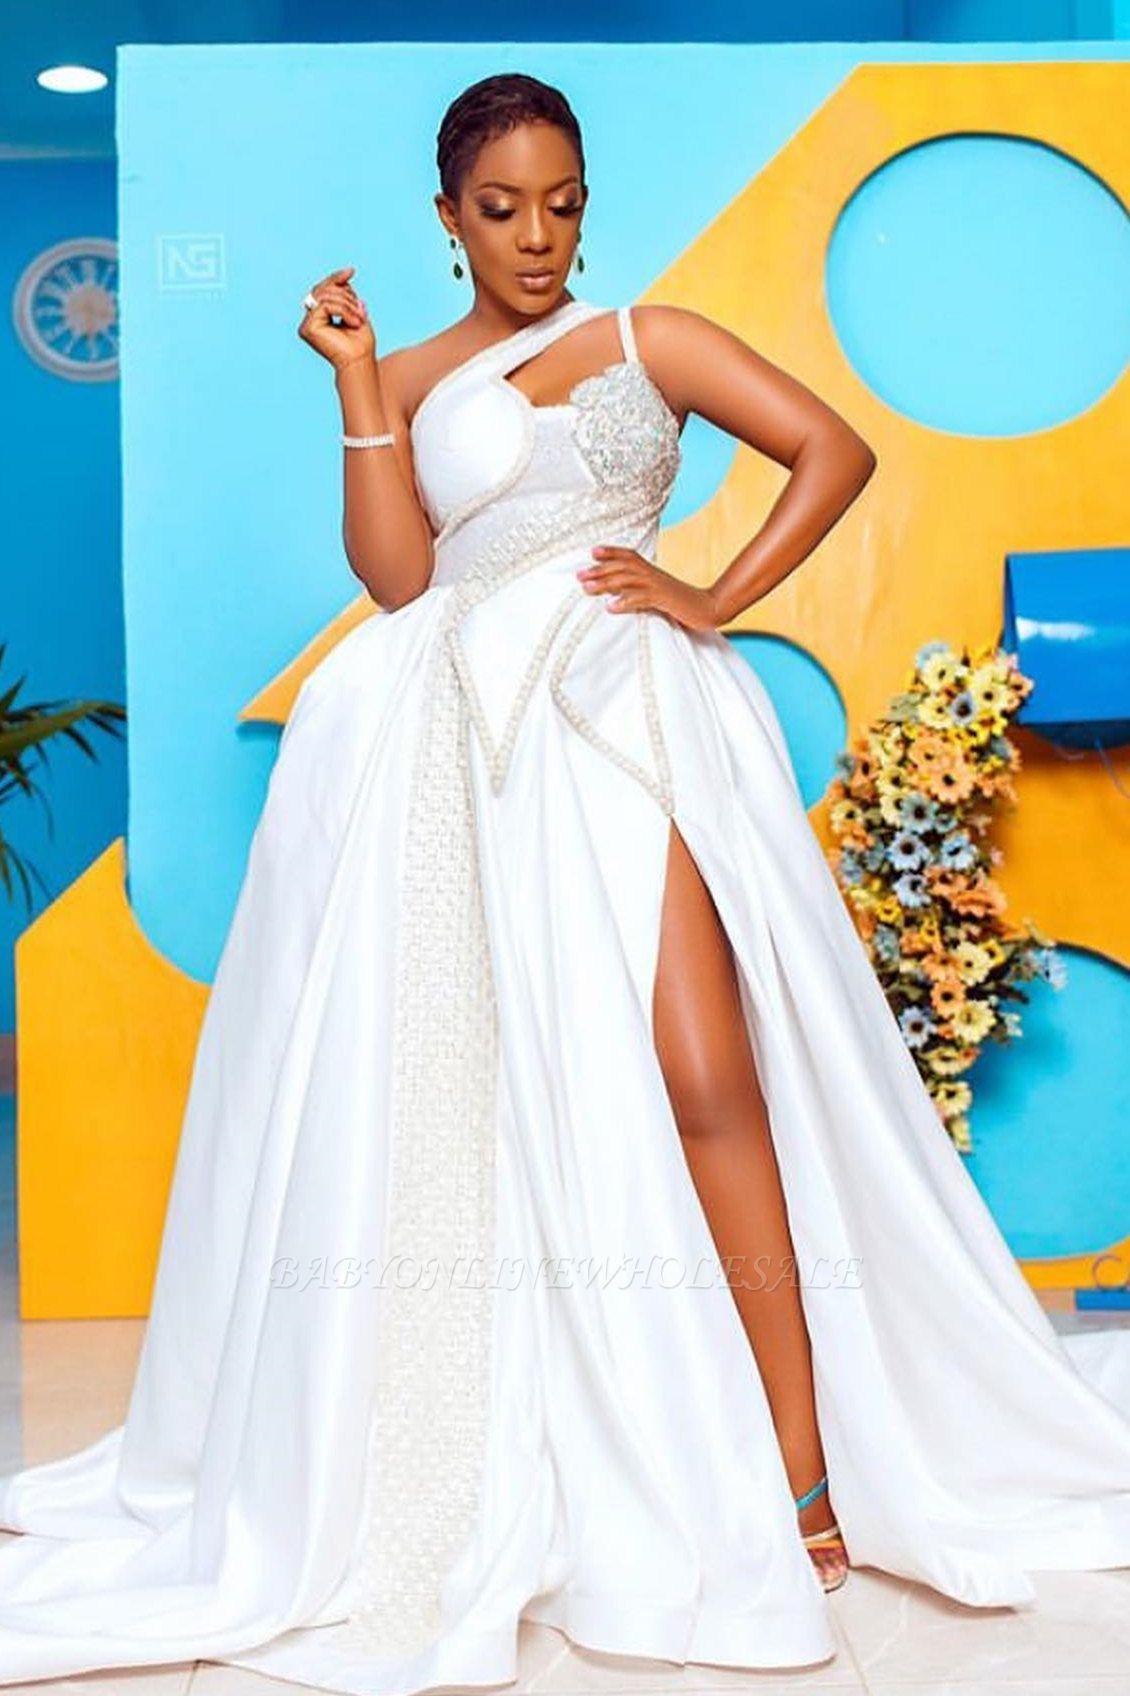 ارتفاع أزياء واحدة في الكتف ثقب المفتاح الكرة بثوب فستان الزفاف الدانتيل